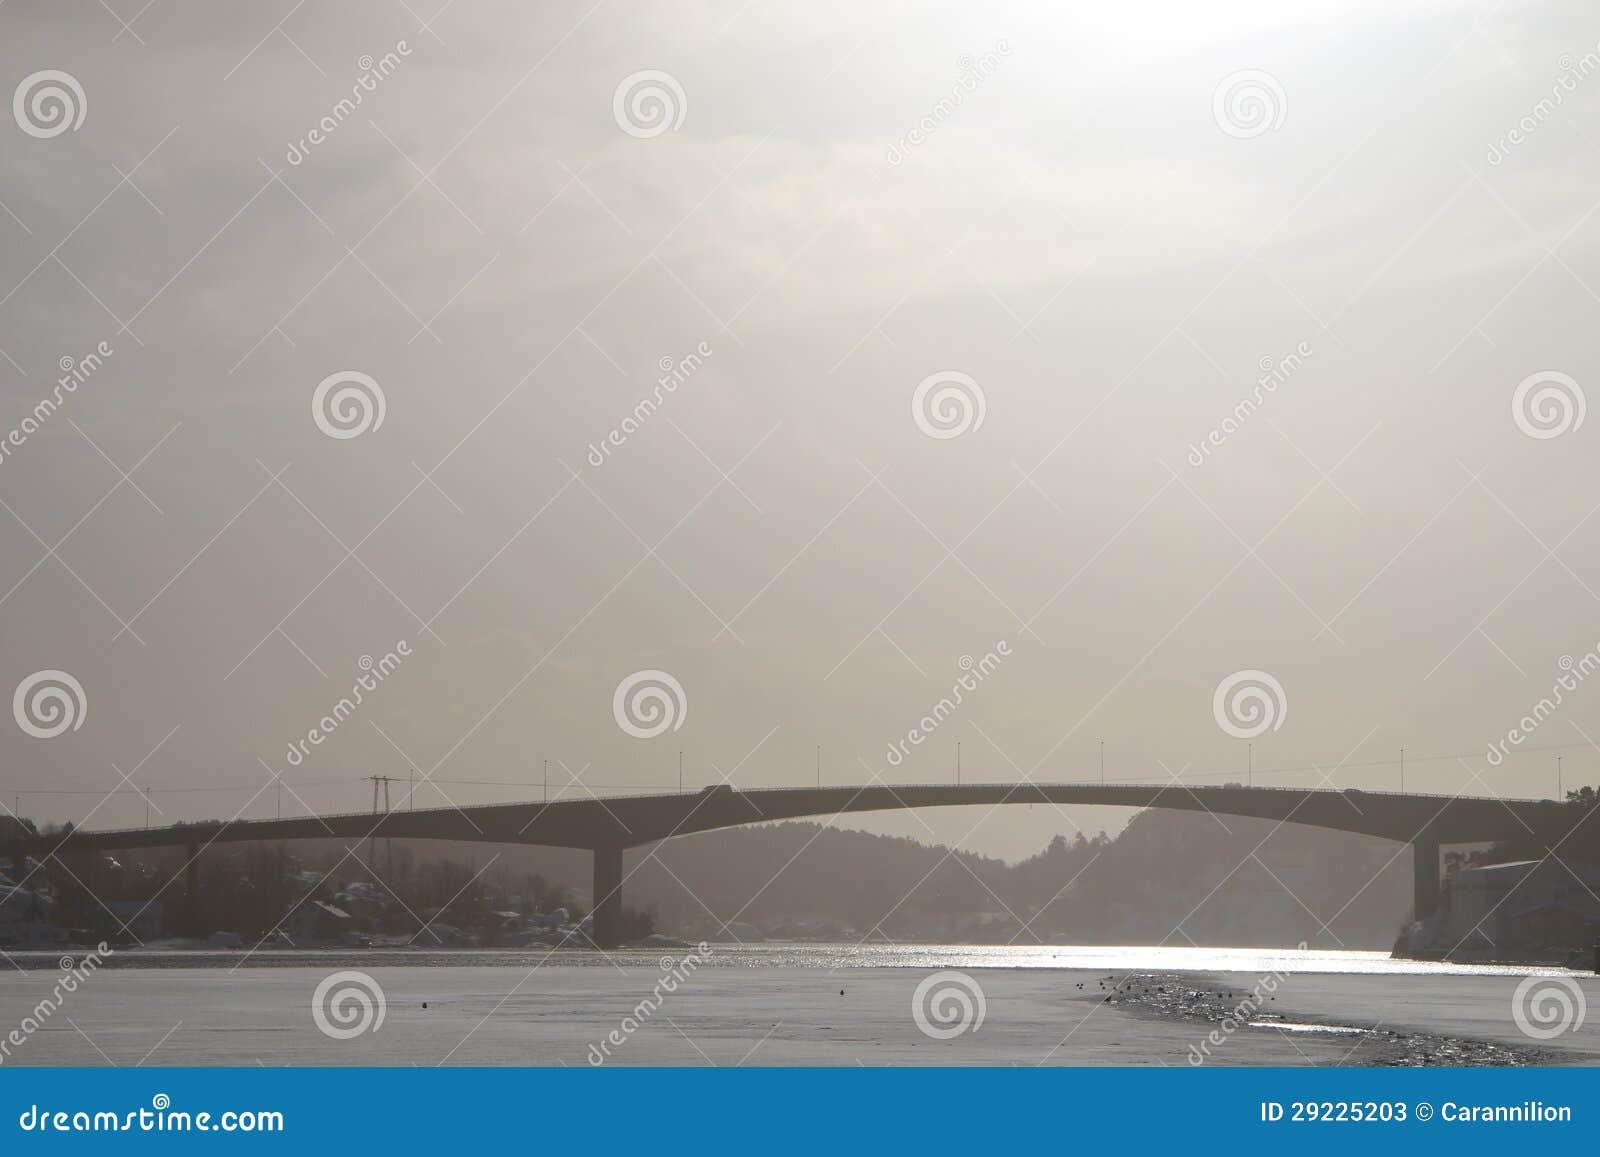 Download Ponte imagem de stock. Imagem de cinzento, gelo, fjord - 29225203